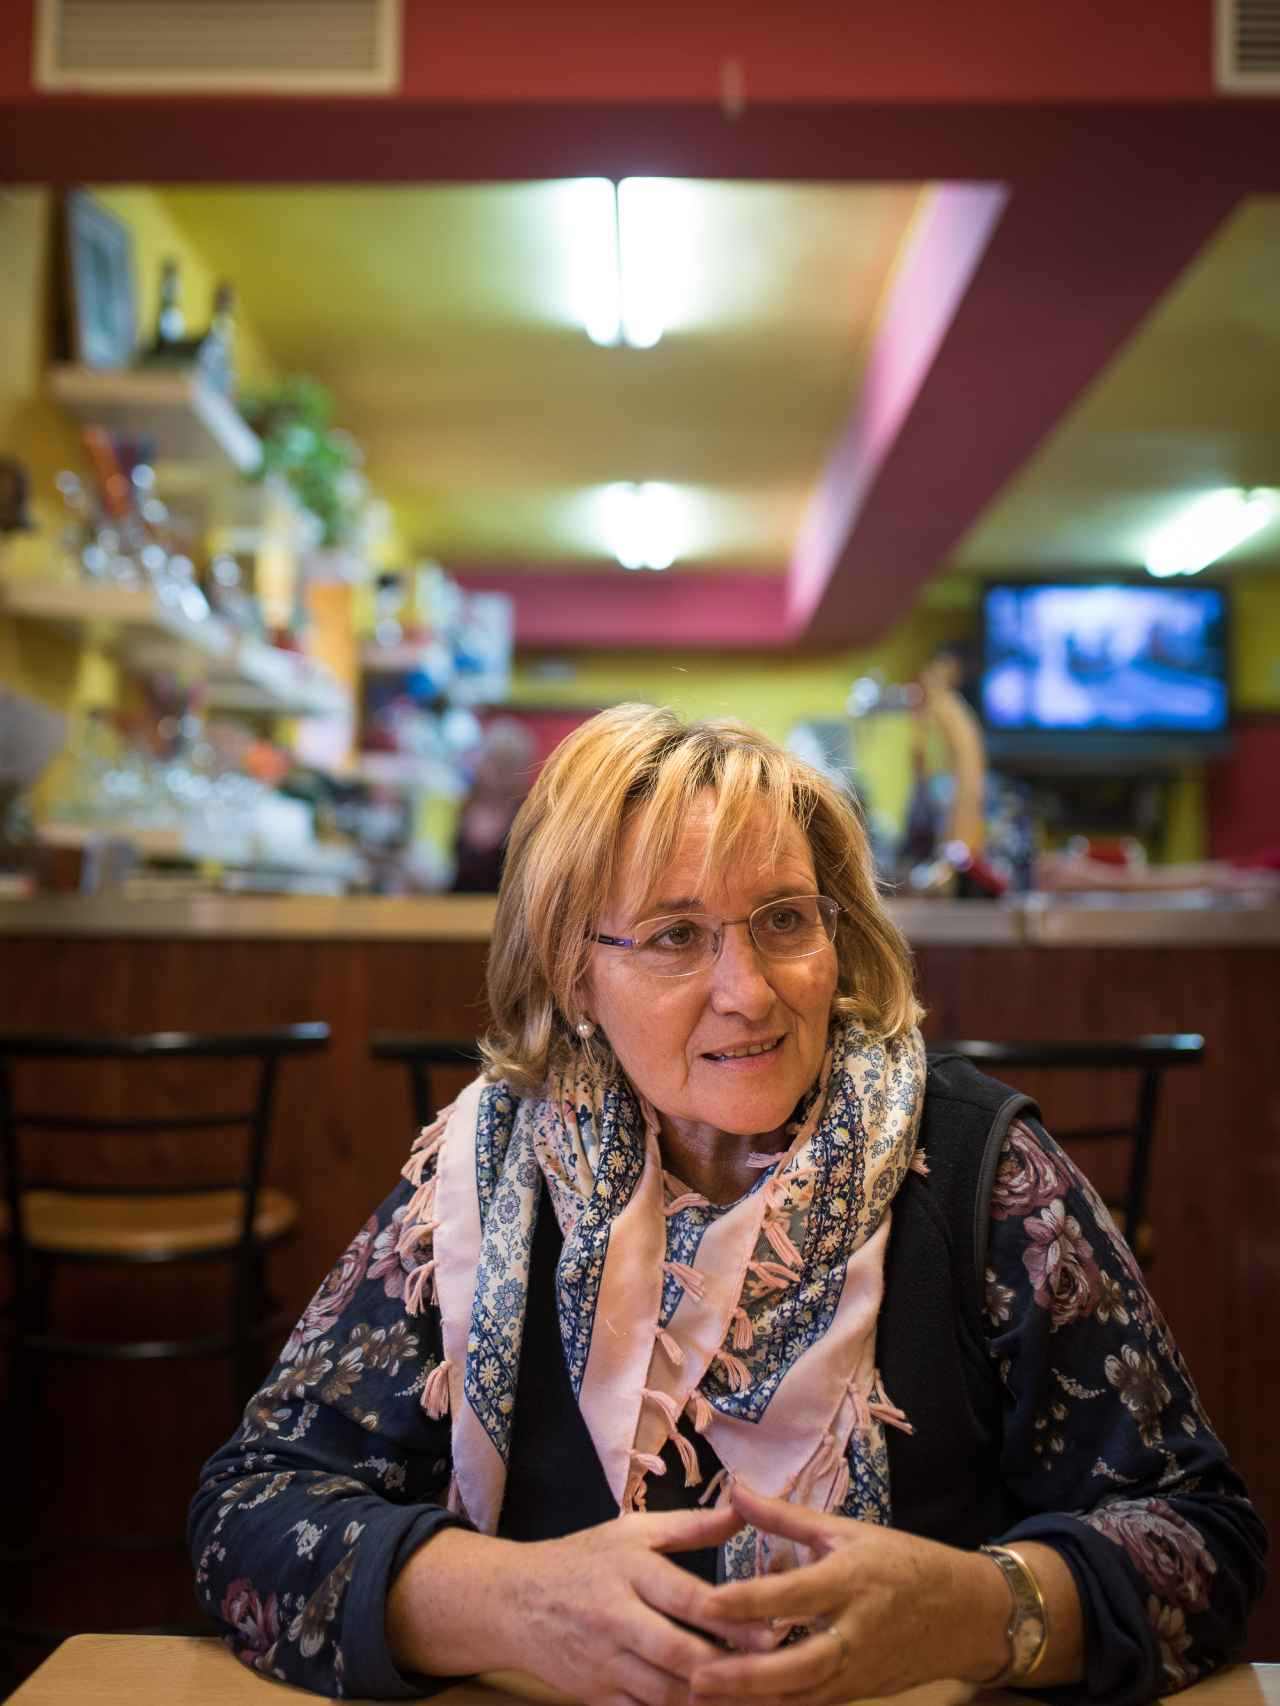 Rosa Pons, exalcaldesa de Sodeto, pueblo donde tocó El Gordo de la Lotería en el año 2011.